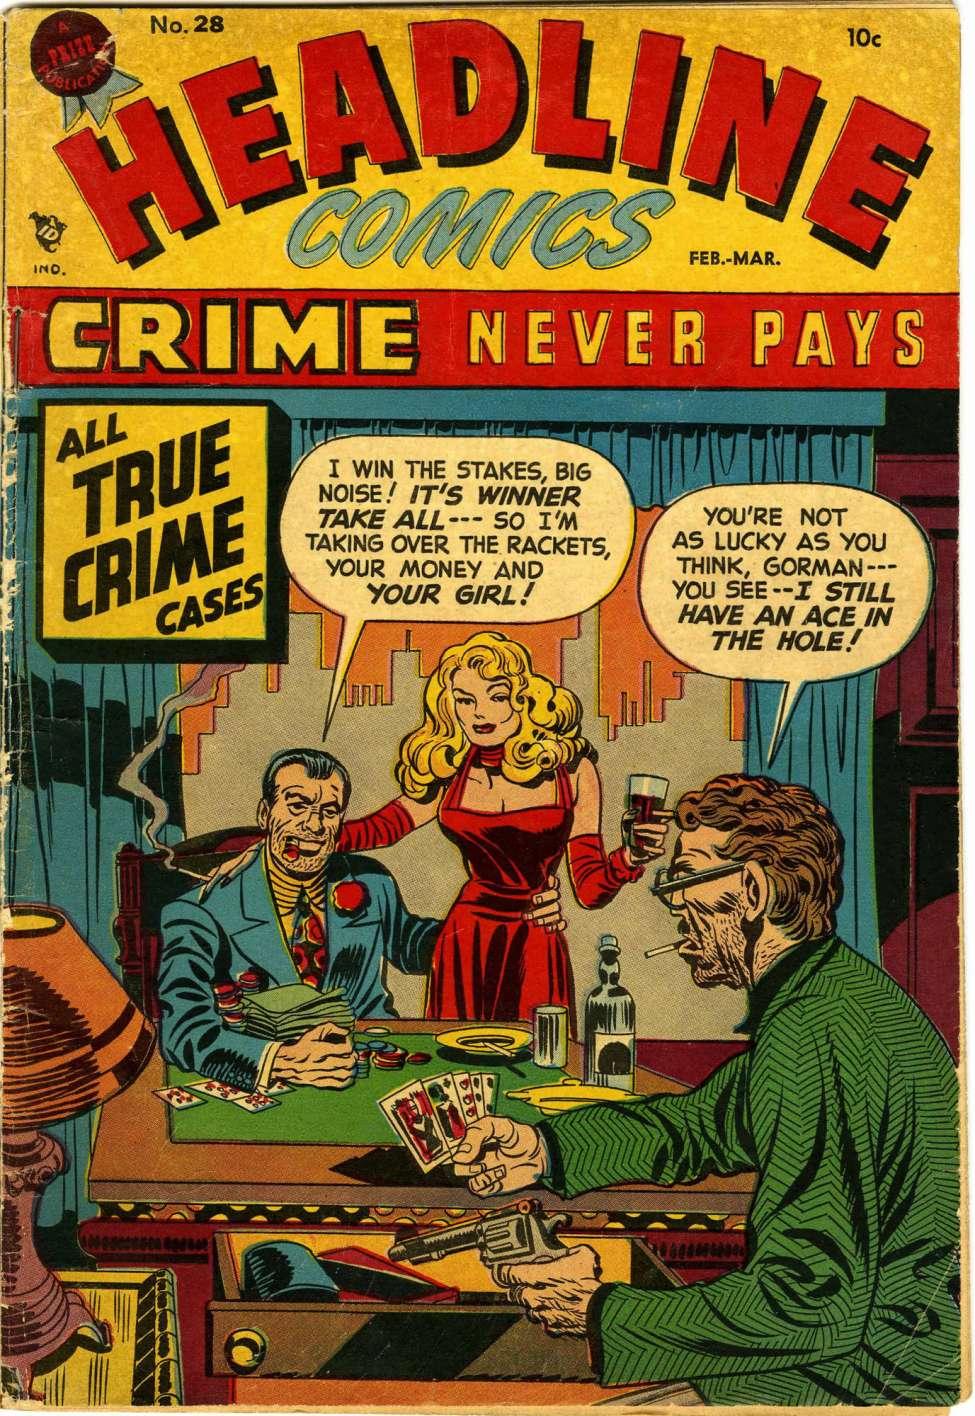 Headline Comics #28, Prize Comics